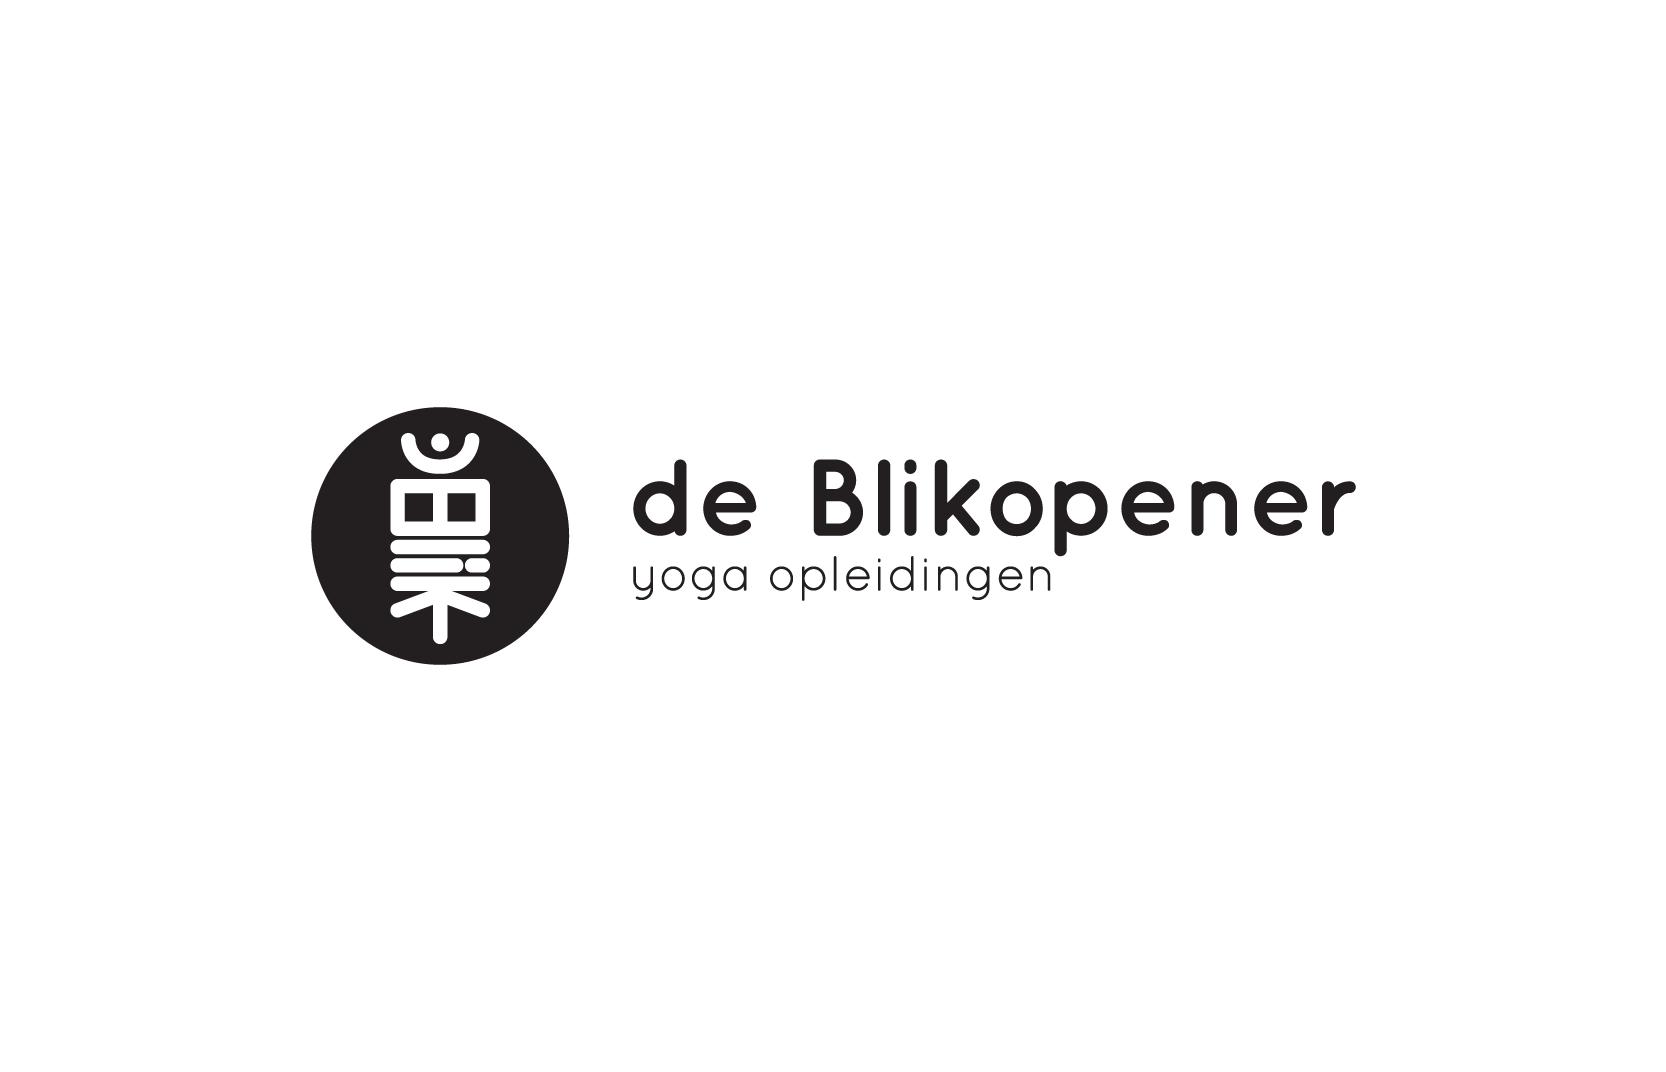 multi_deblikopener_logo1